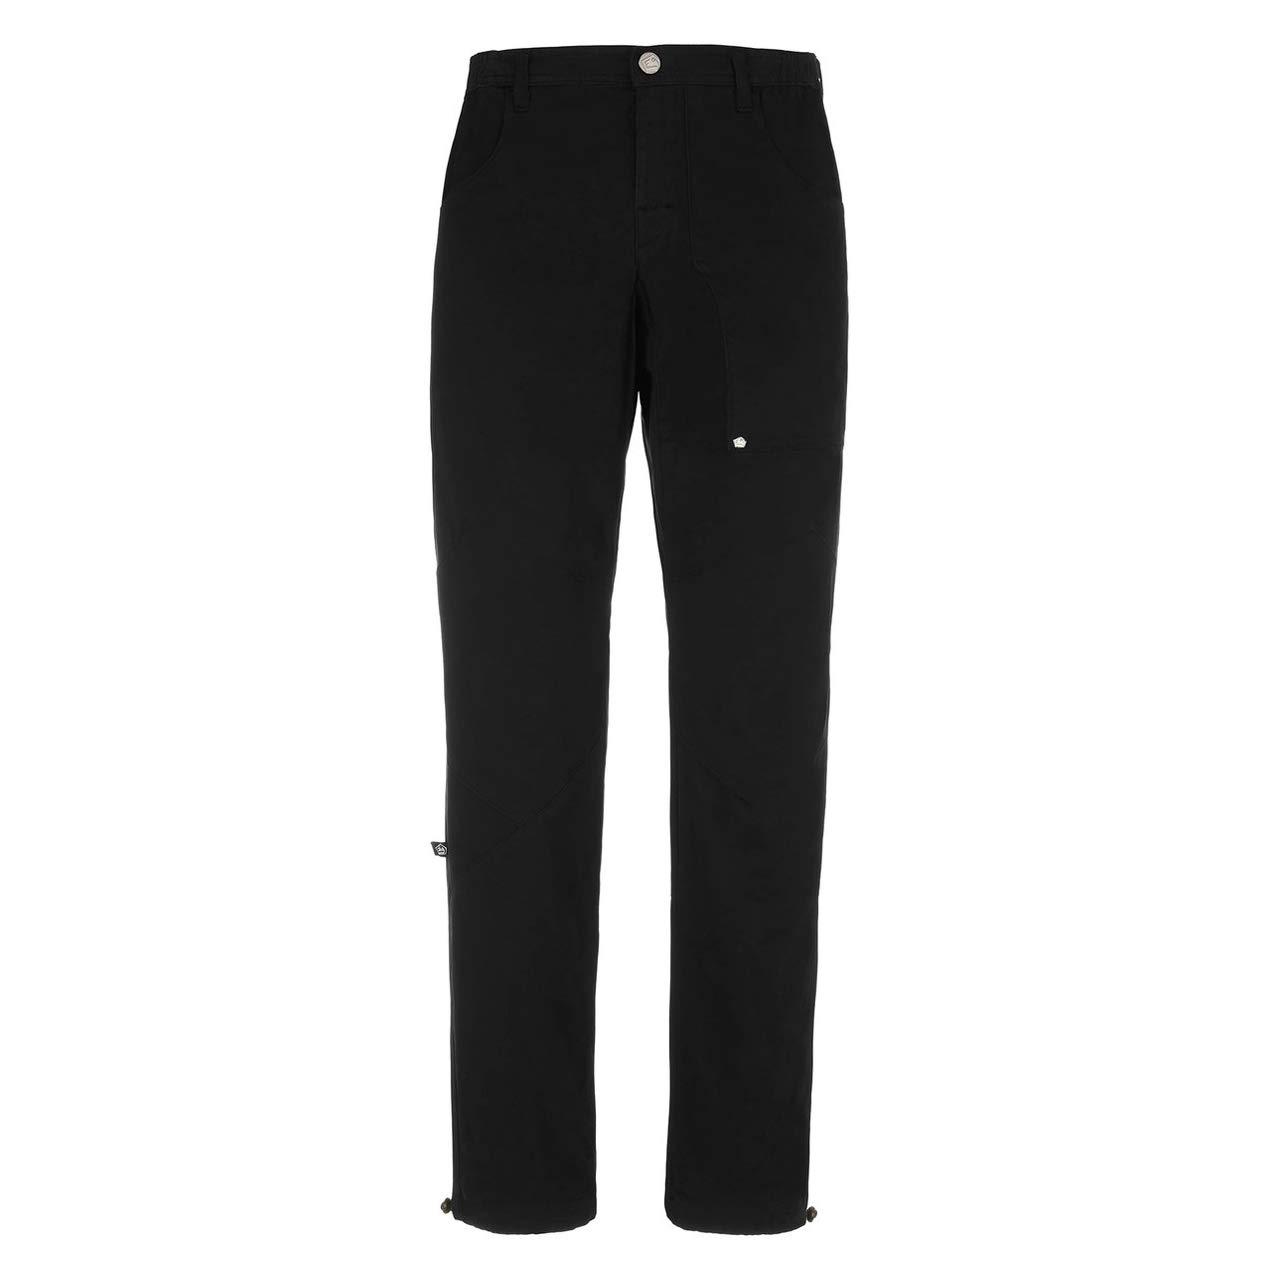 E9 Fuoco Pants Pants Pants Men Musk 2018 Hose B07FM6X235 Hosen Beliebte Empfehlung 6a6e59